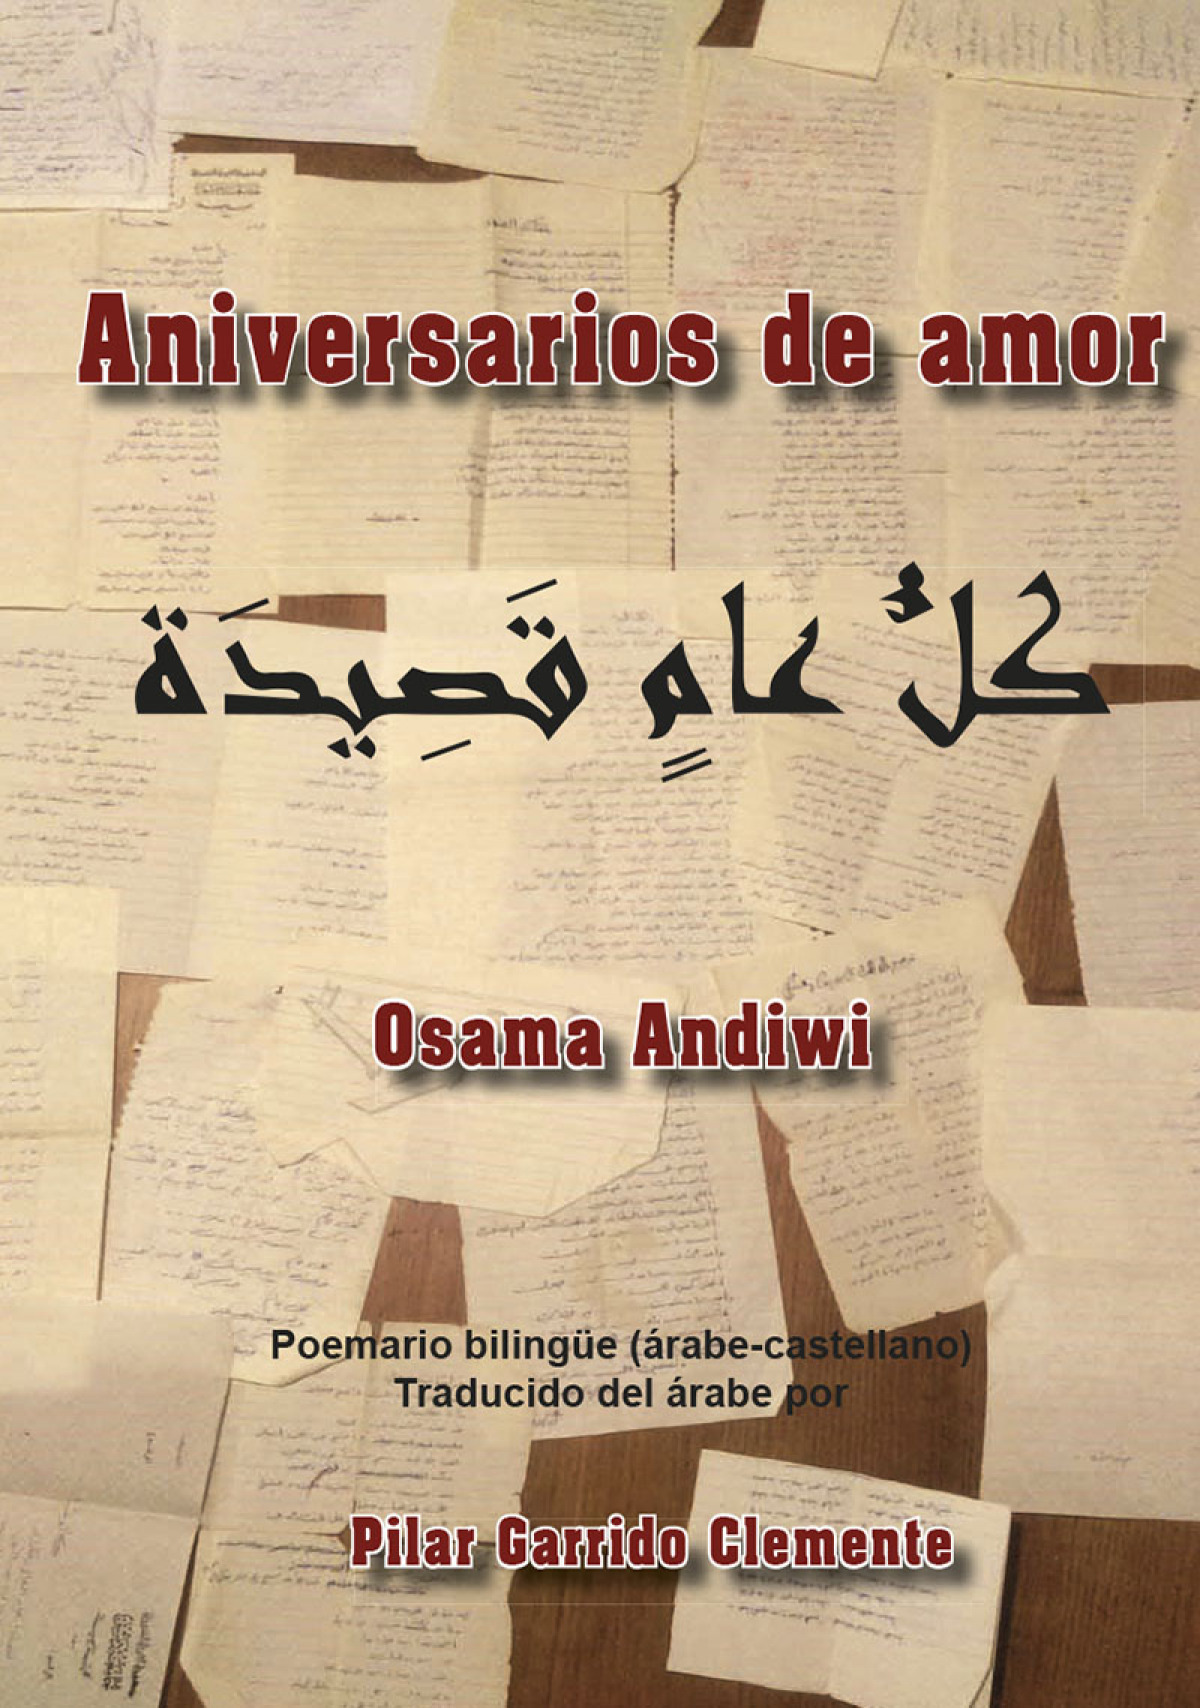 Aniversarios de amor